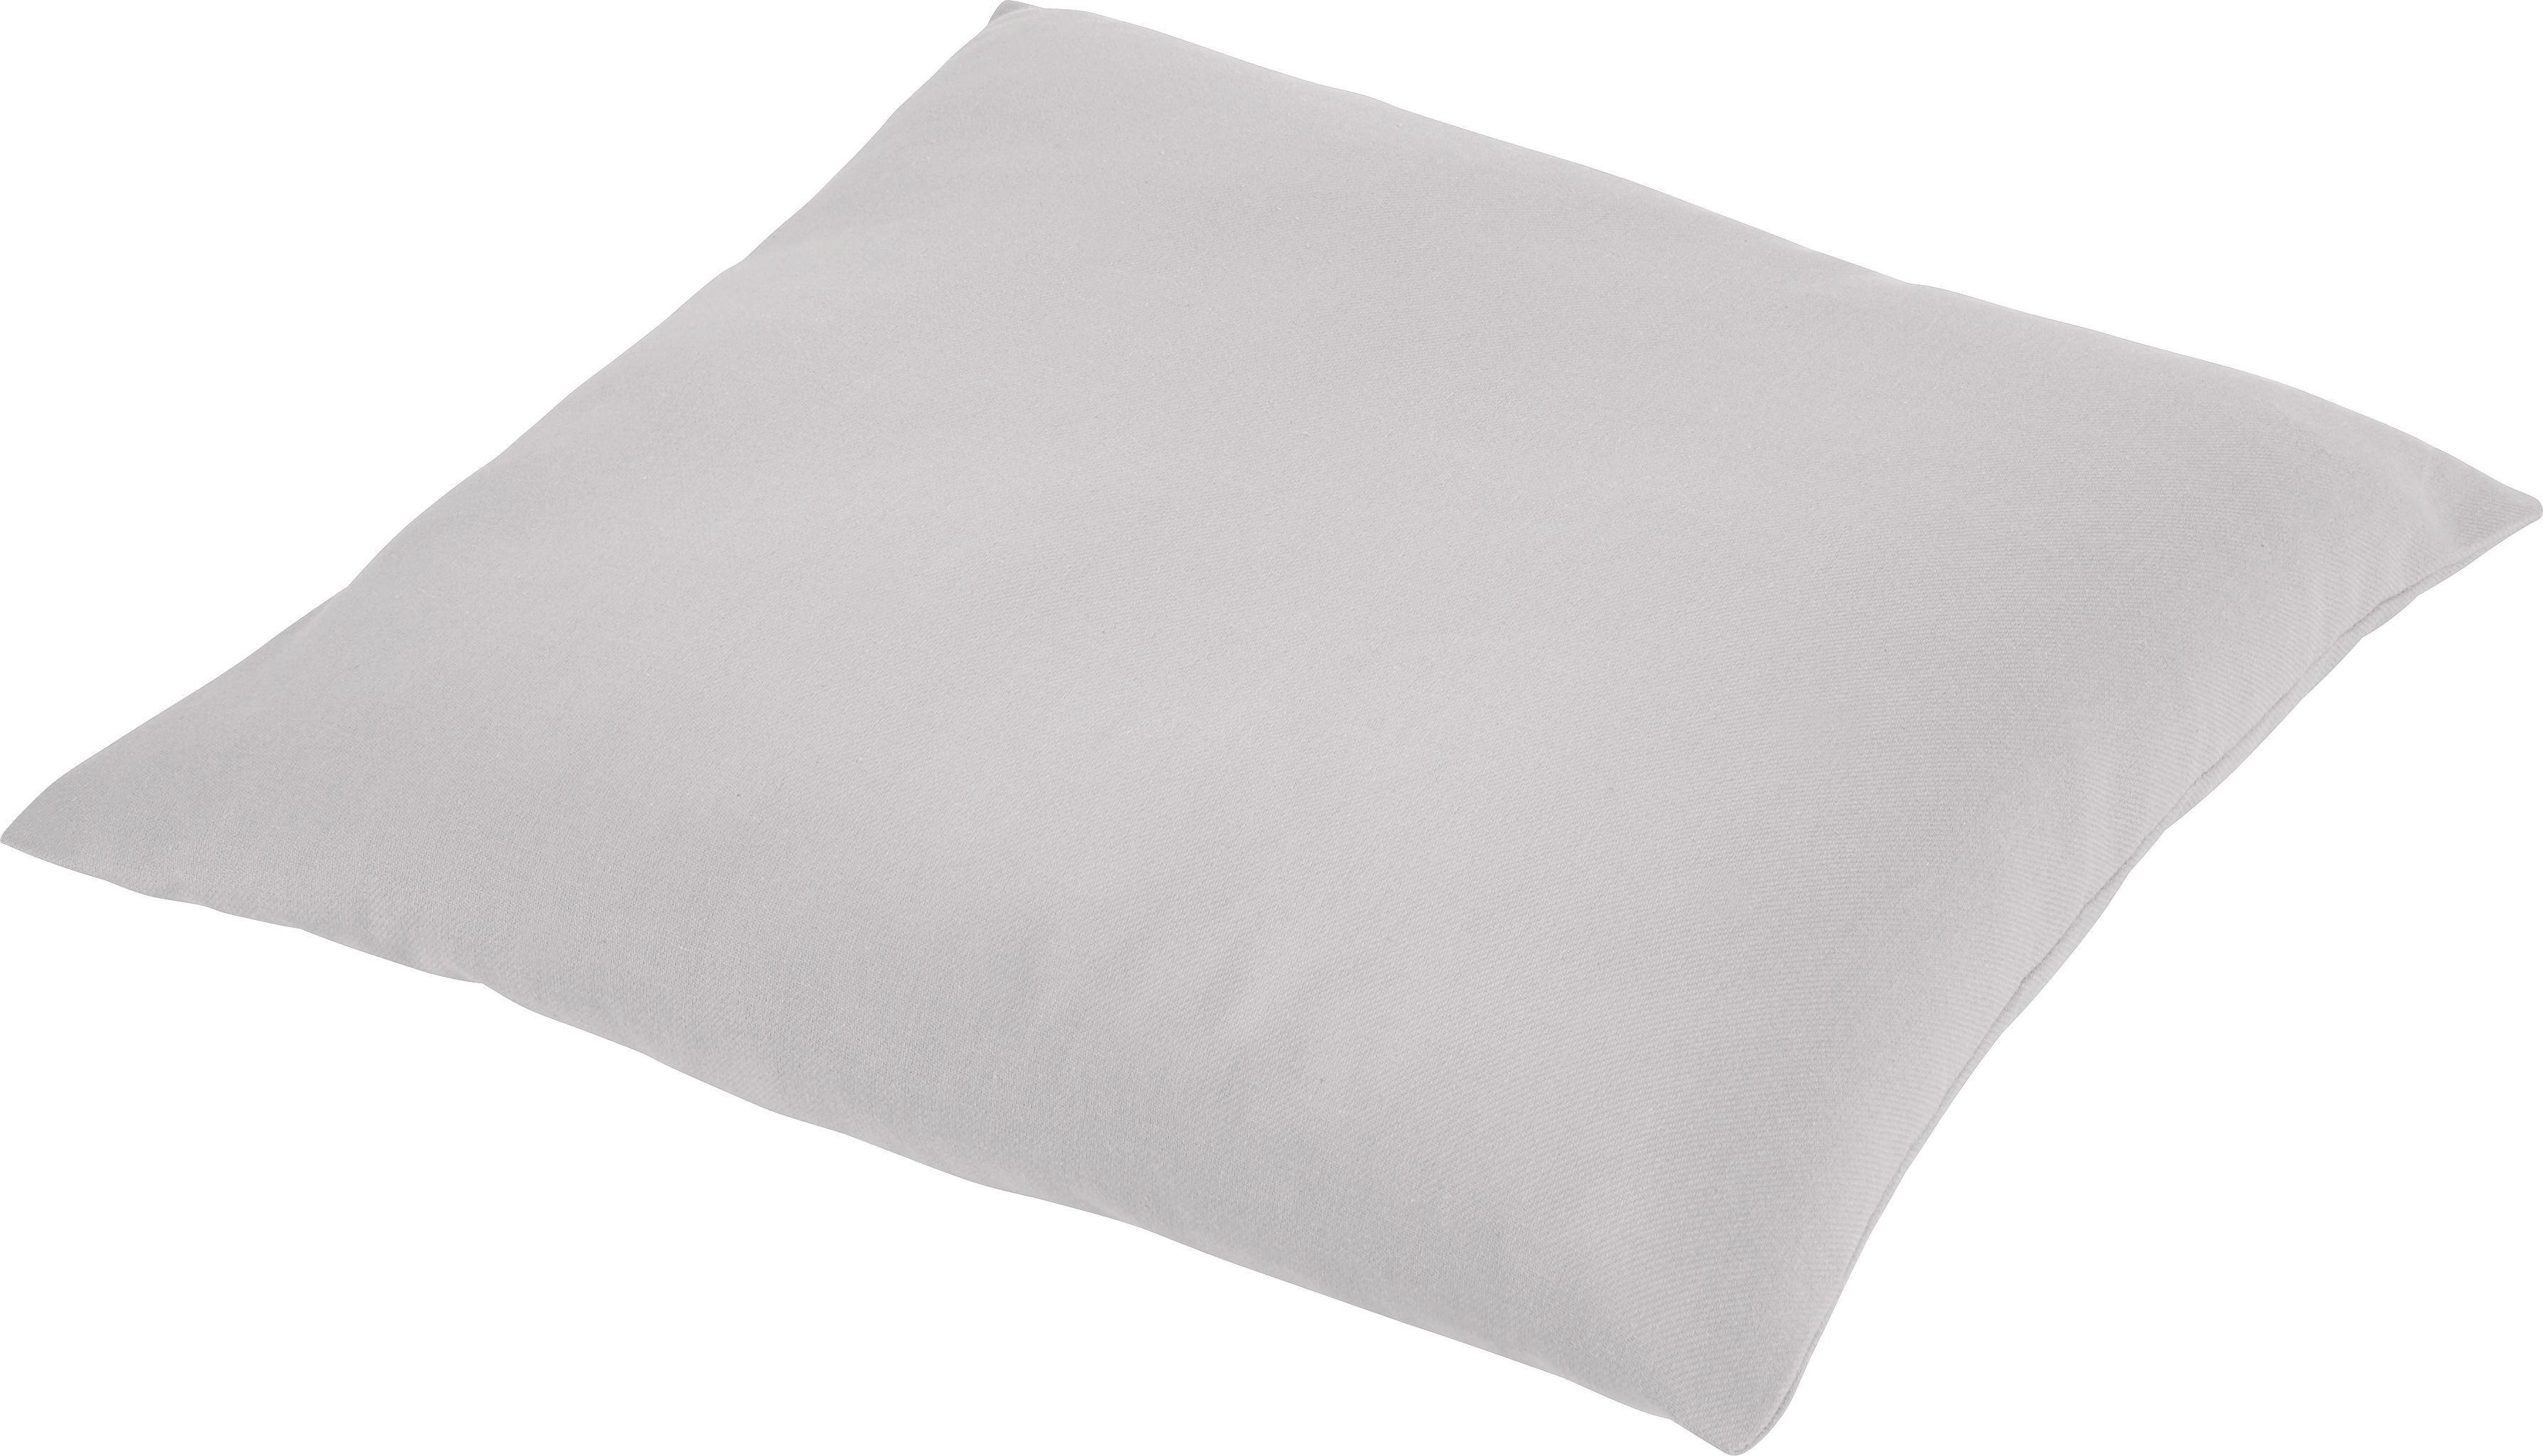 Zierkissen Diane 50x50cm - Taupe, KONVENTIONELL, Textil (50/50cm) - MÖMAX modern living